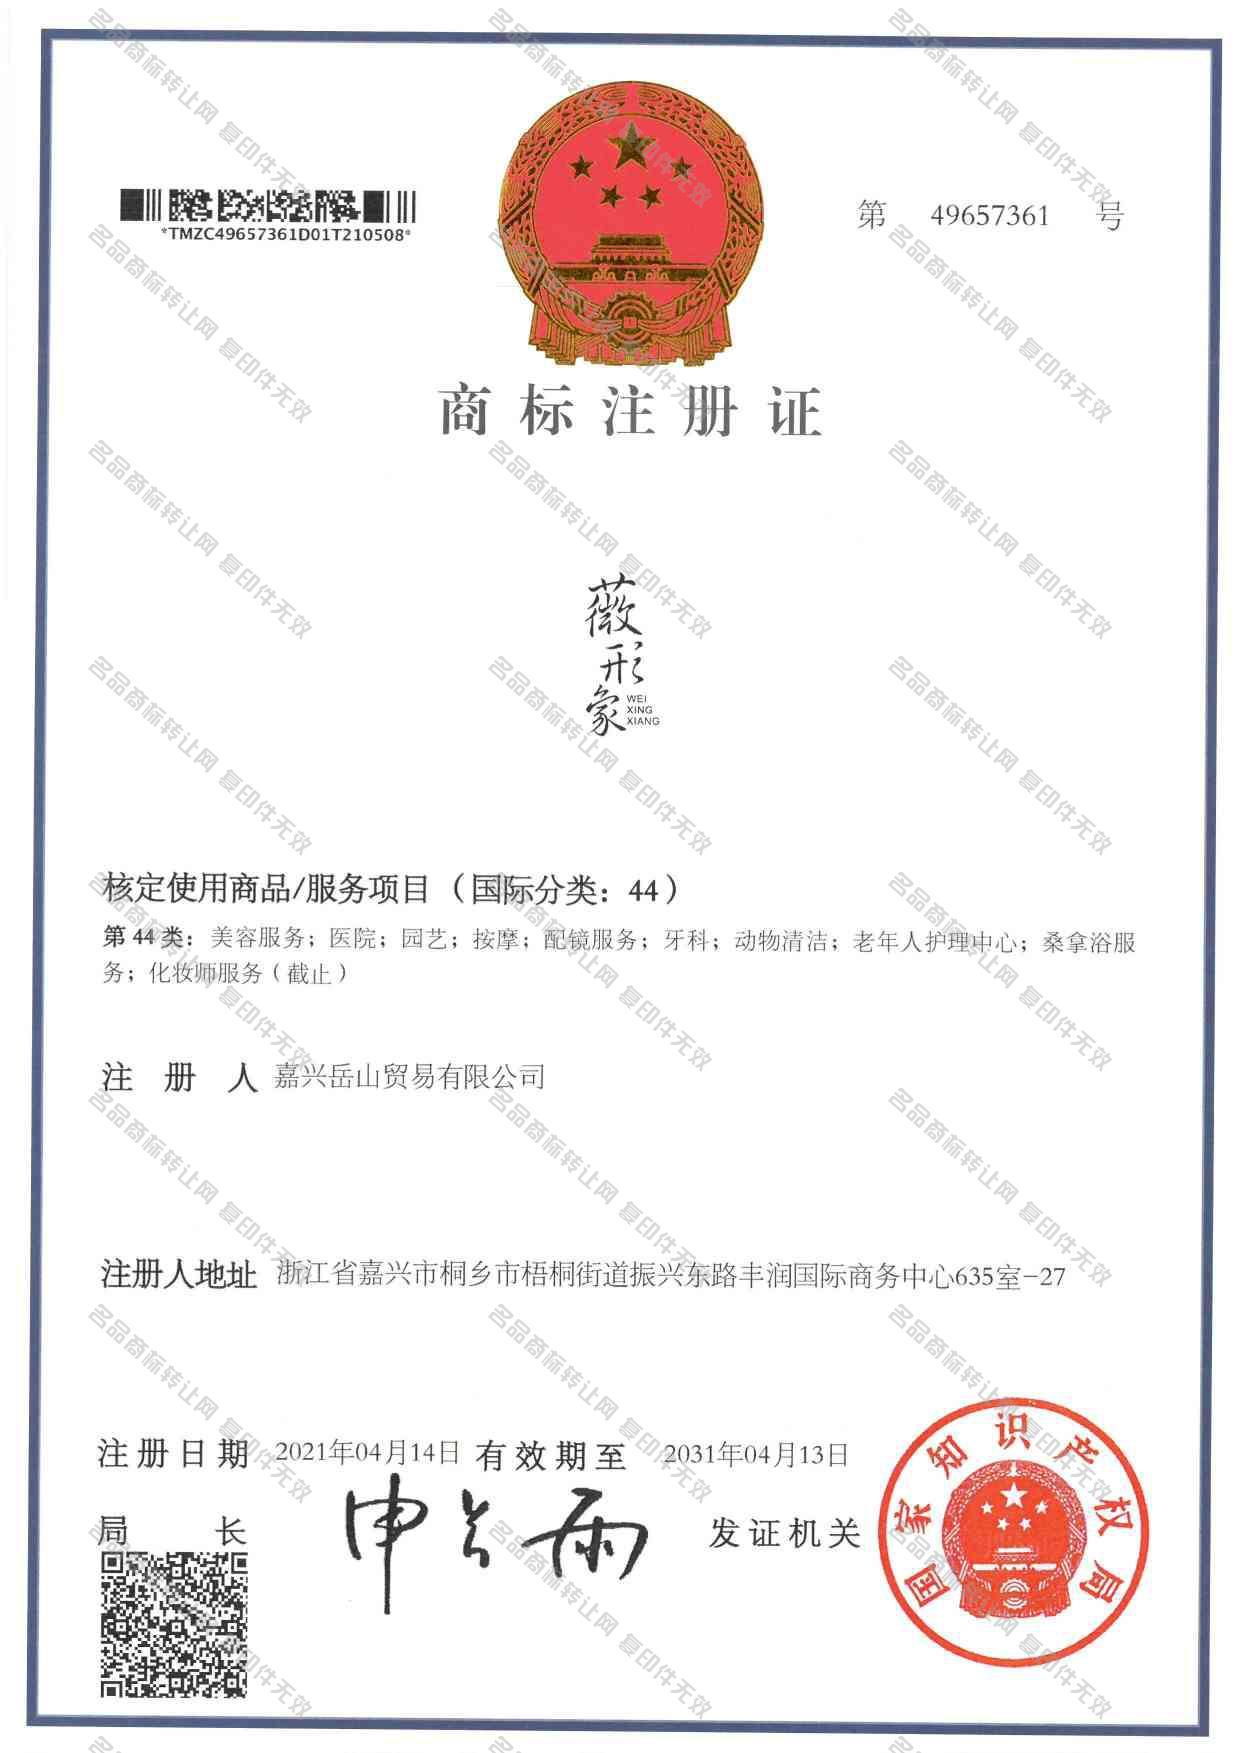 薇形象注册证